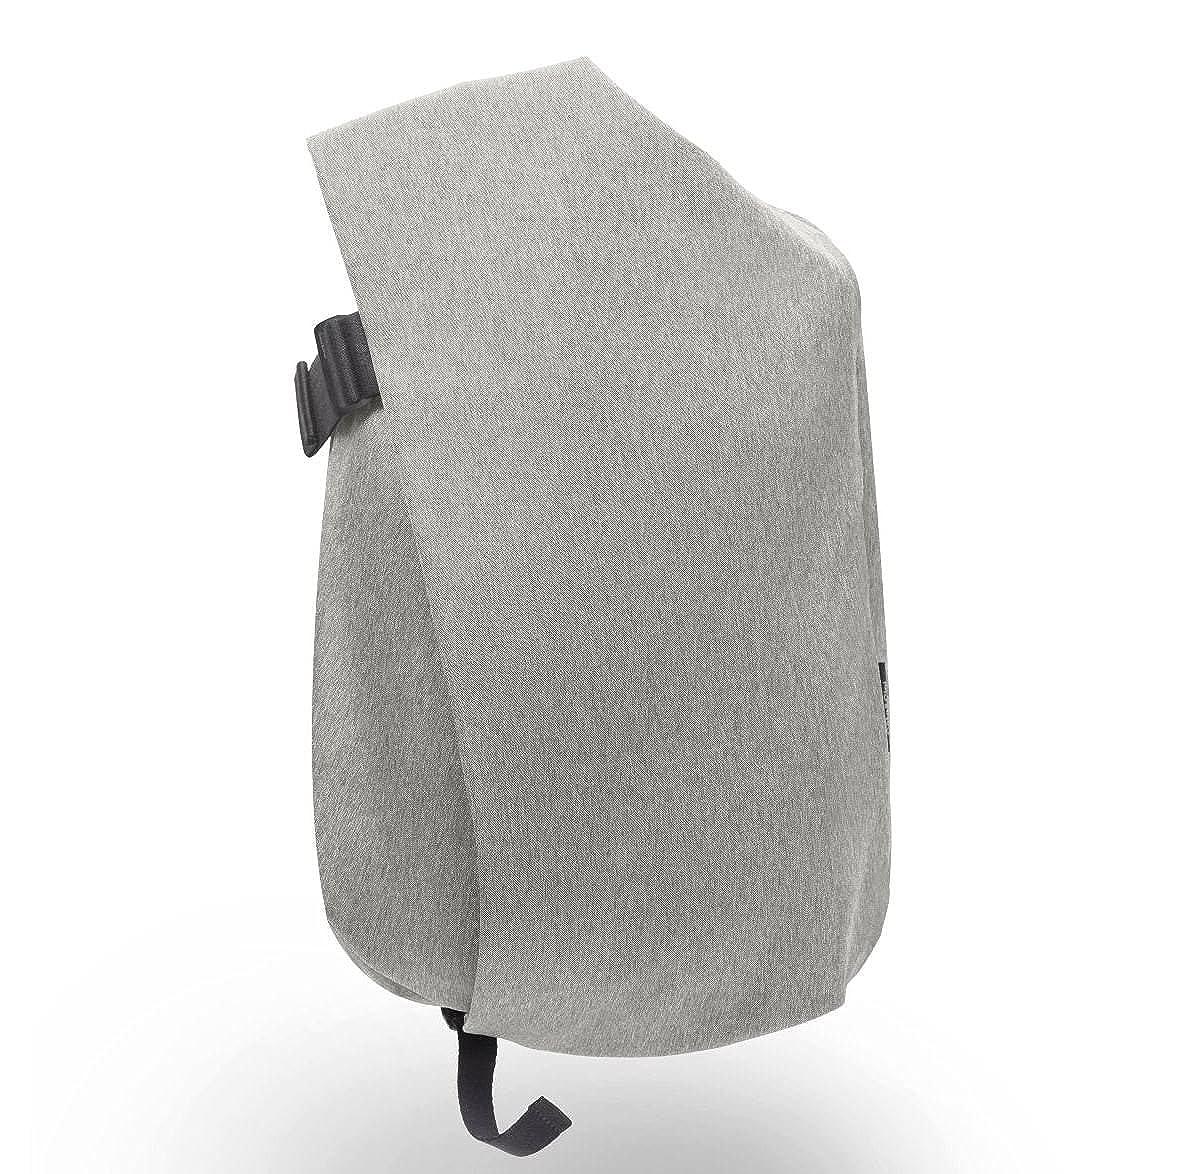 [コートエシエル]Cote&Ciel バックパック リュックサック Isar Rucksack L B007A7BK1O gray